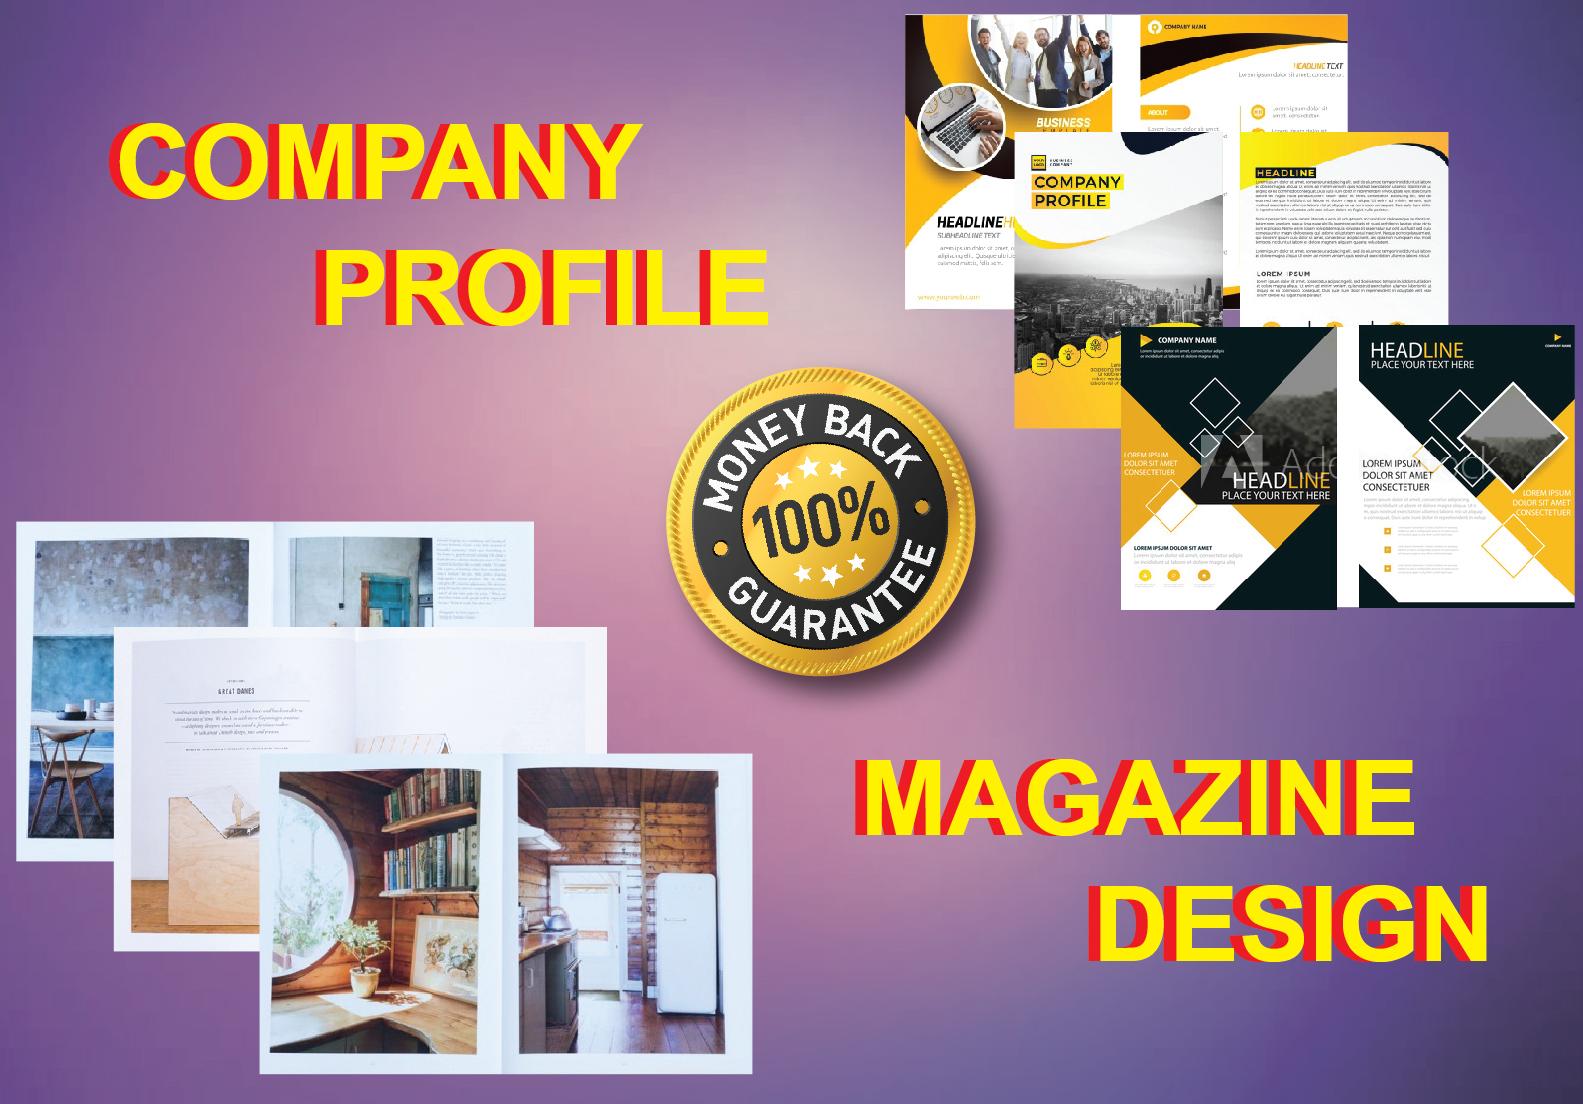 I Will Do Company Profile & Magazine Design